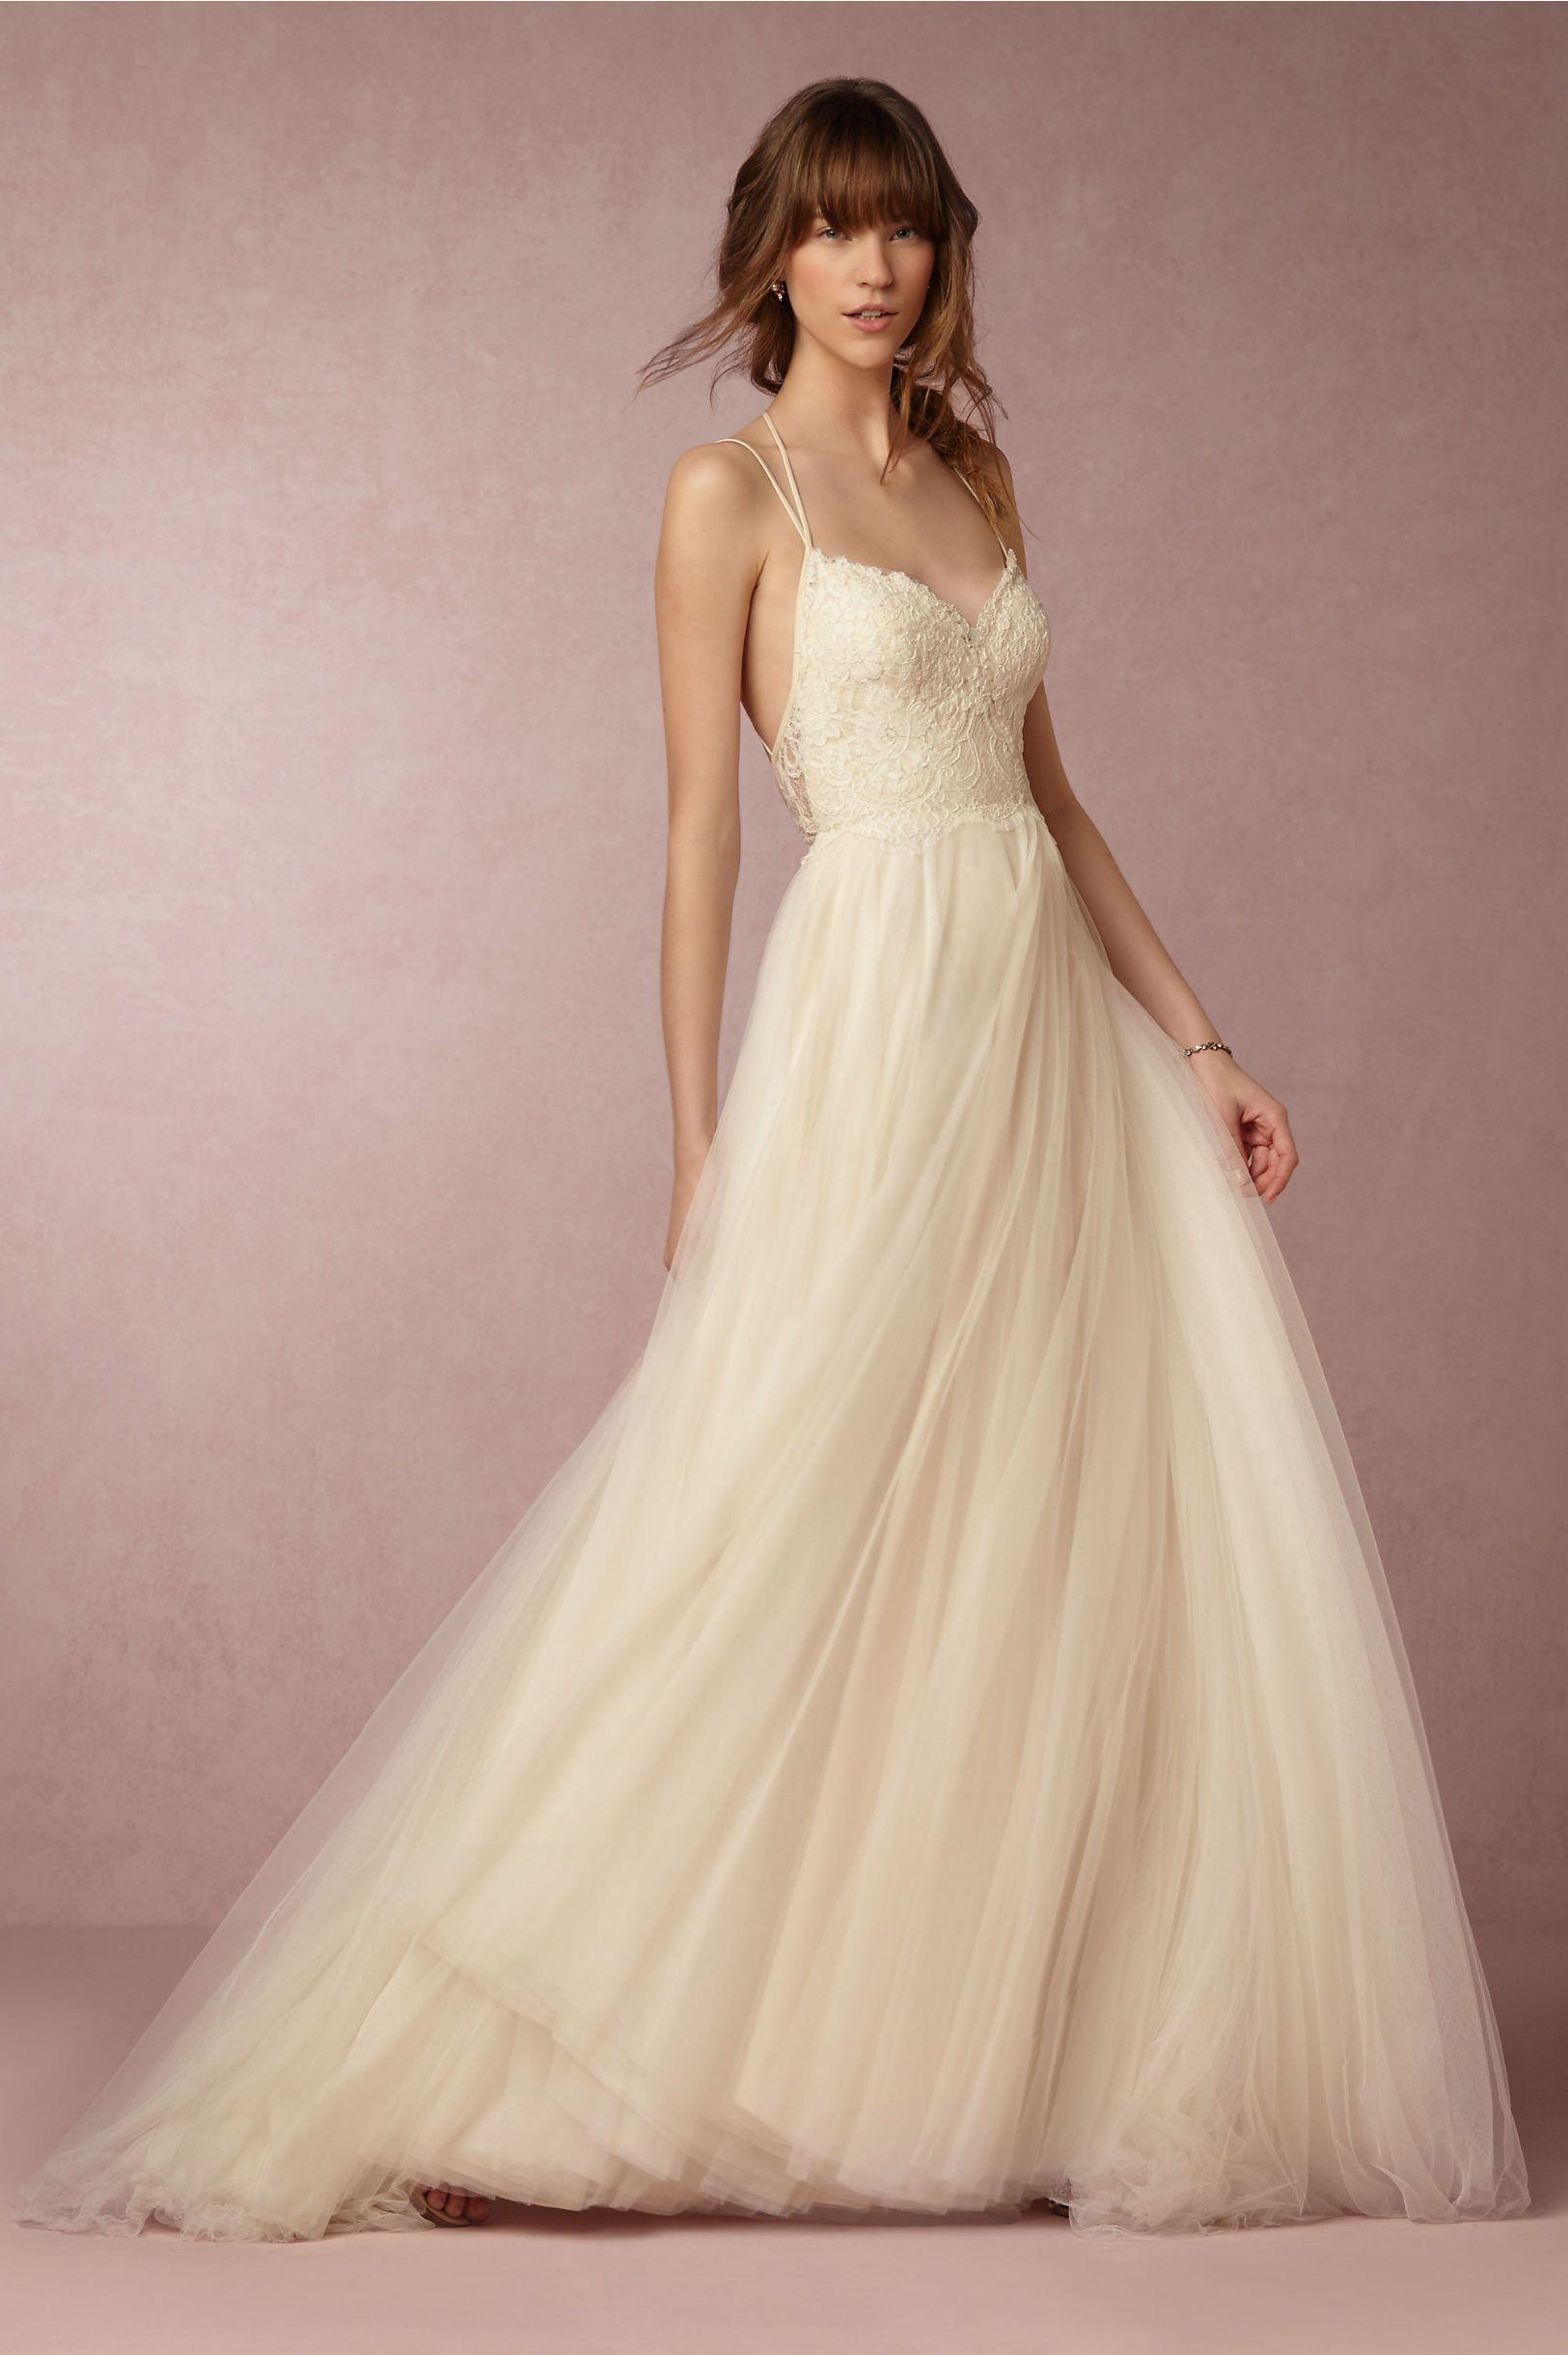 Wünderschönes Brautkleid in Tüll Eifelbeinweiß Brautkleid